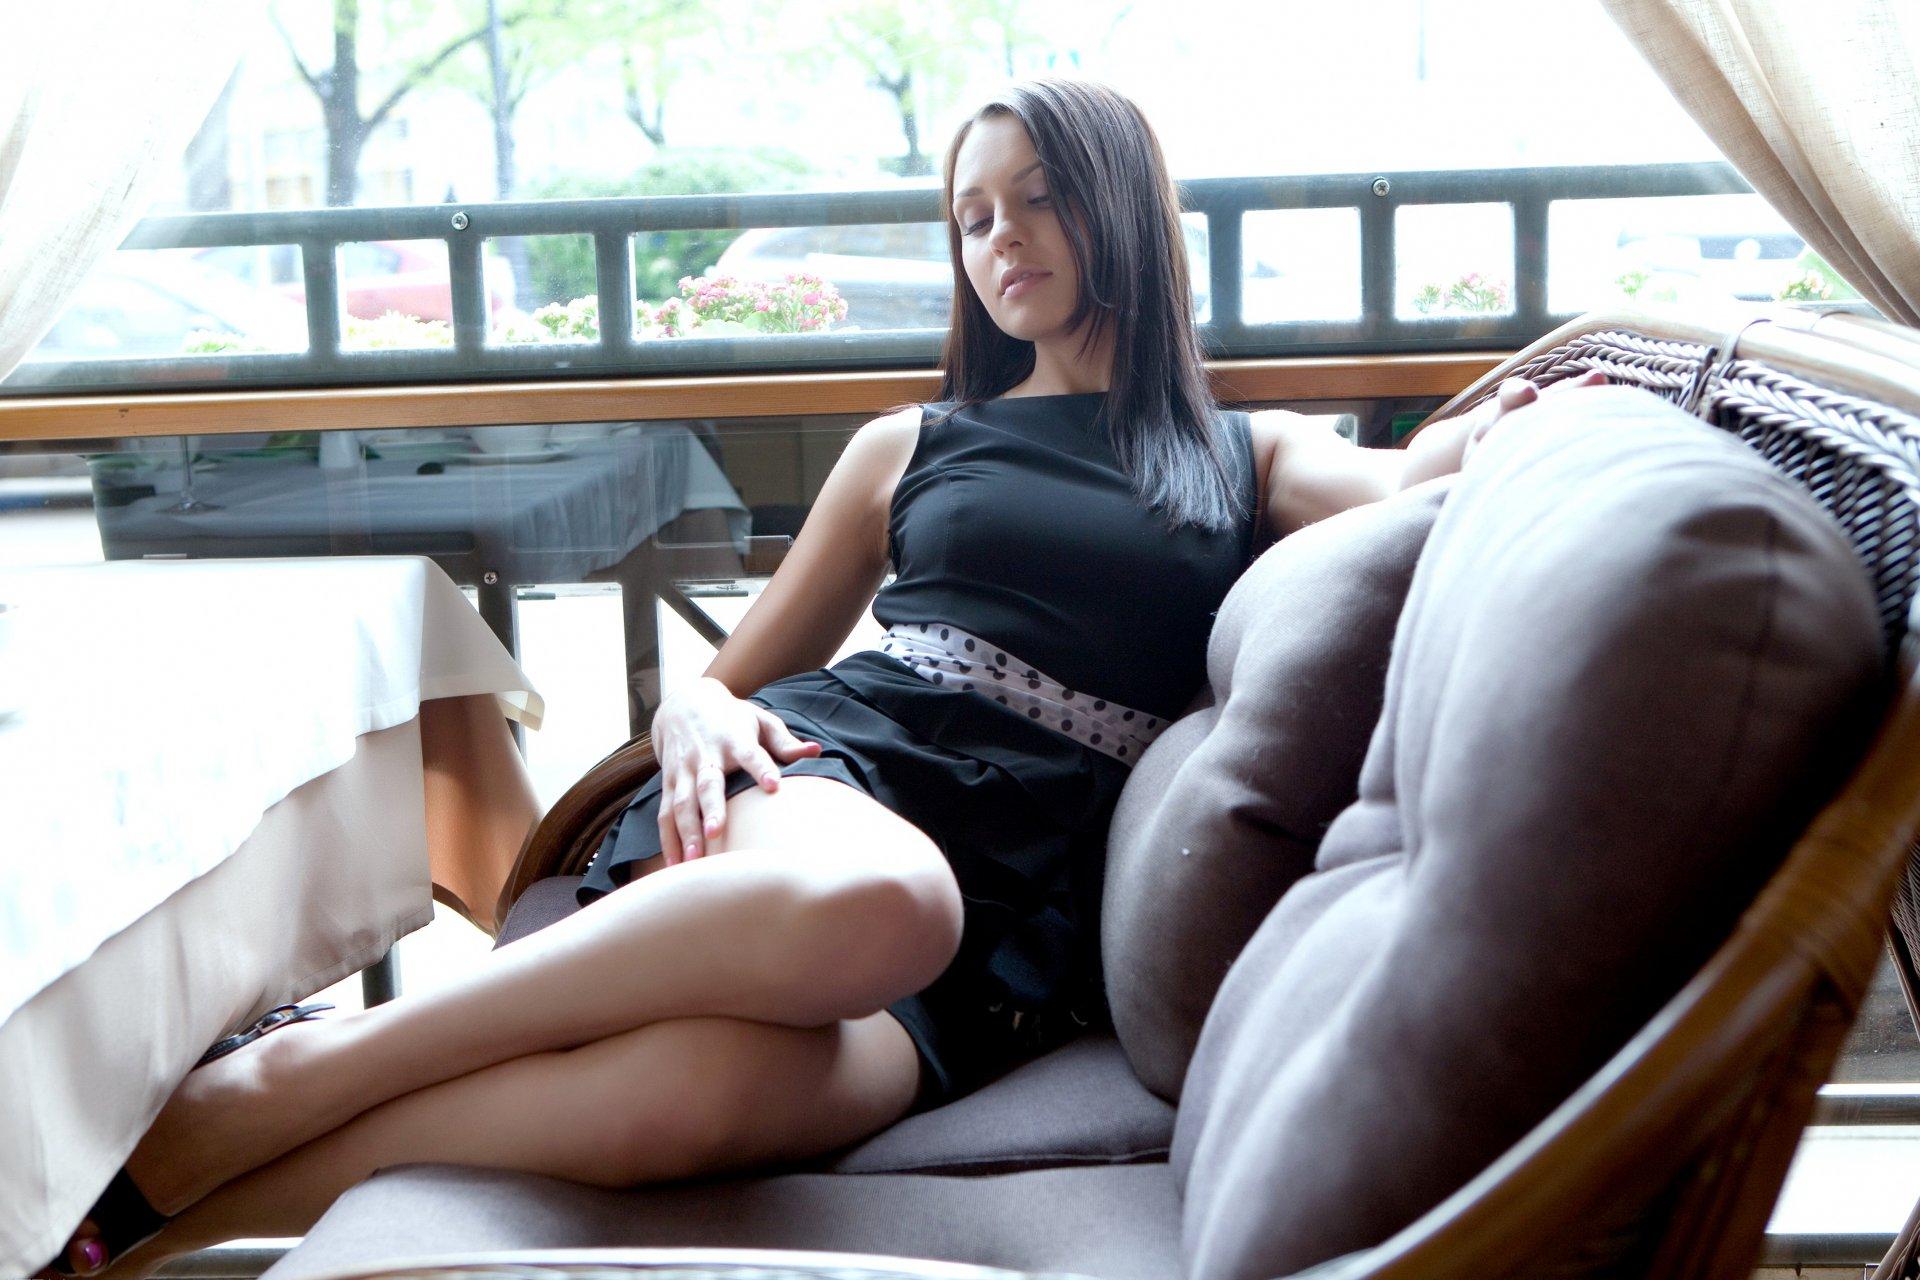 Брюнетка в платье и колготках задирает ноги в кафе фото — pic 3